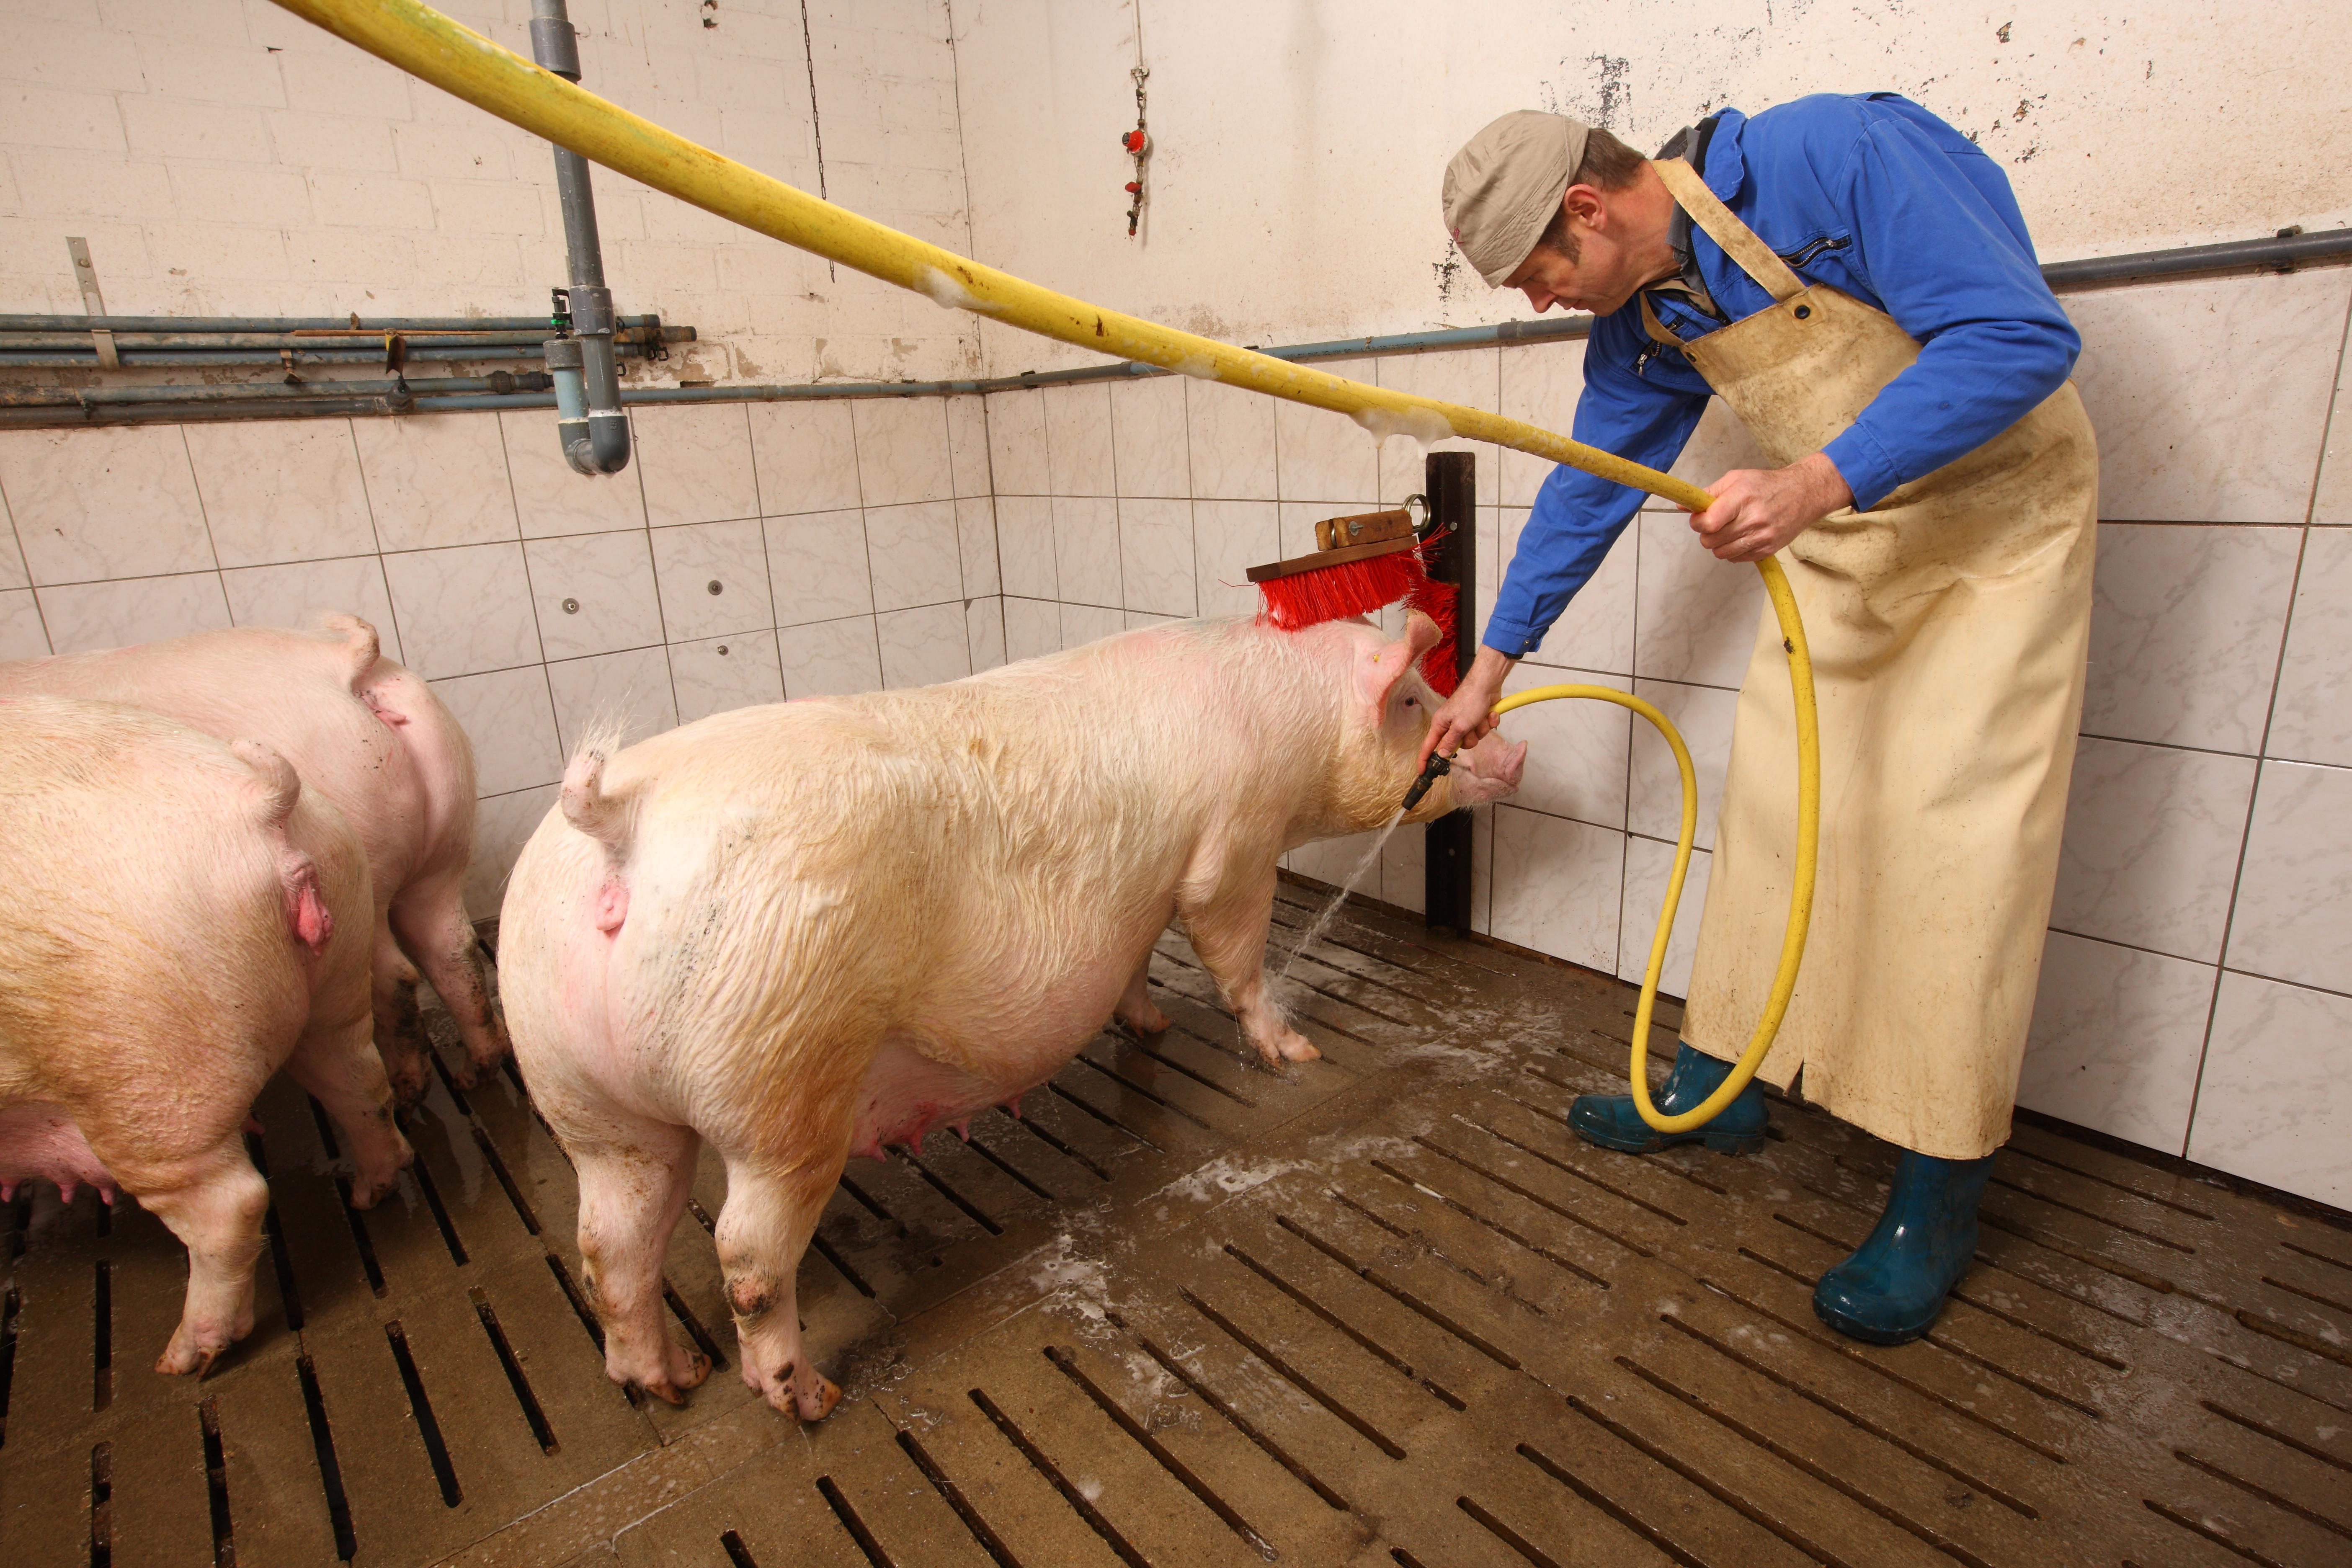 Das Bild zeigt einen weiß gekachelten Raum, in dem von einer Person in Arbeitskleidung mit Schürze und Gummistiefeln, die trächtigen Sauen abgeduscht werden.